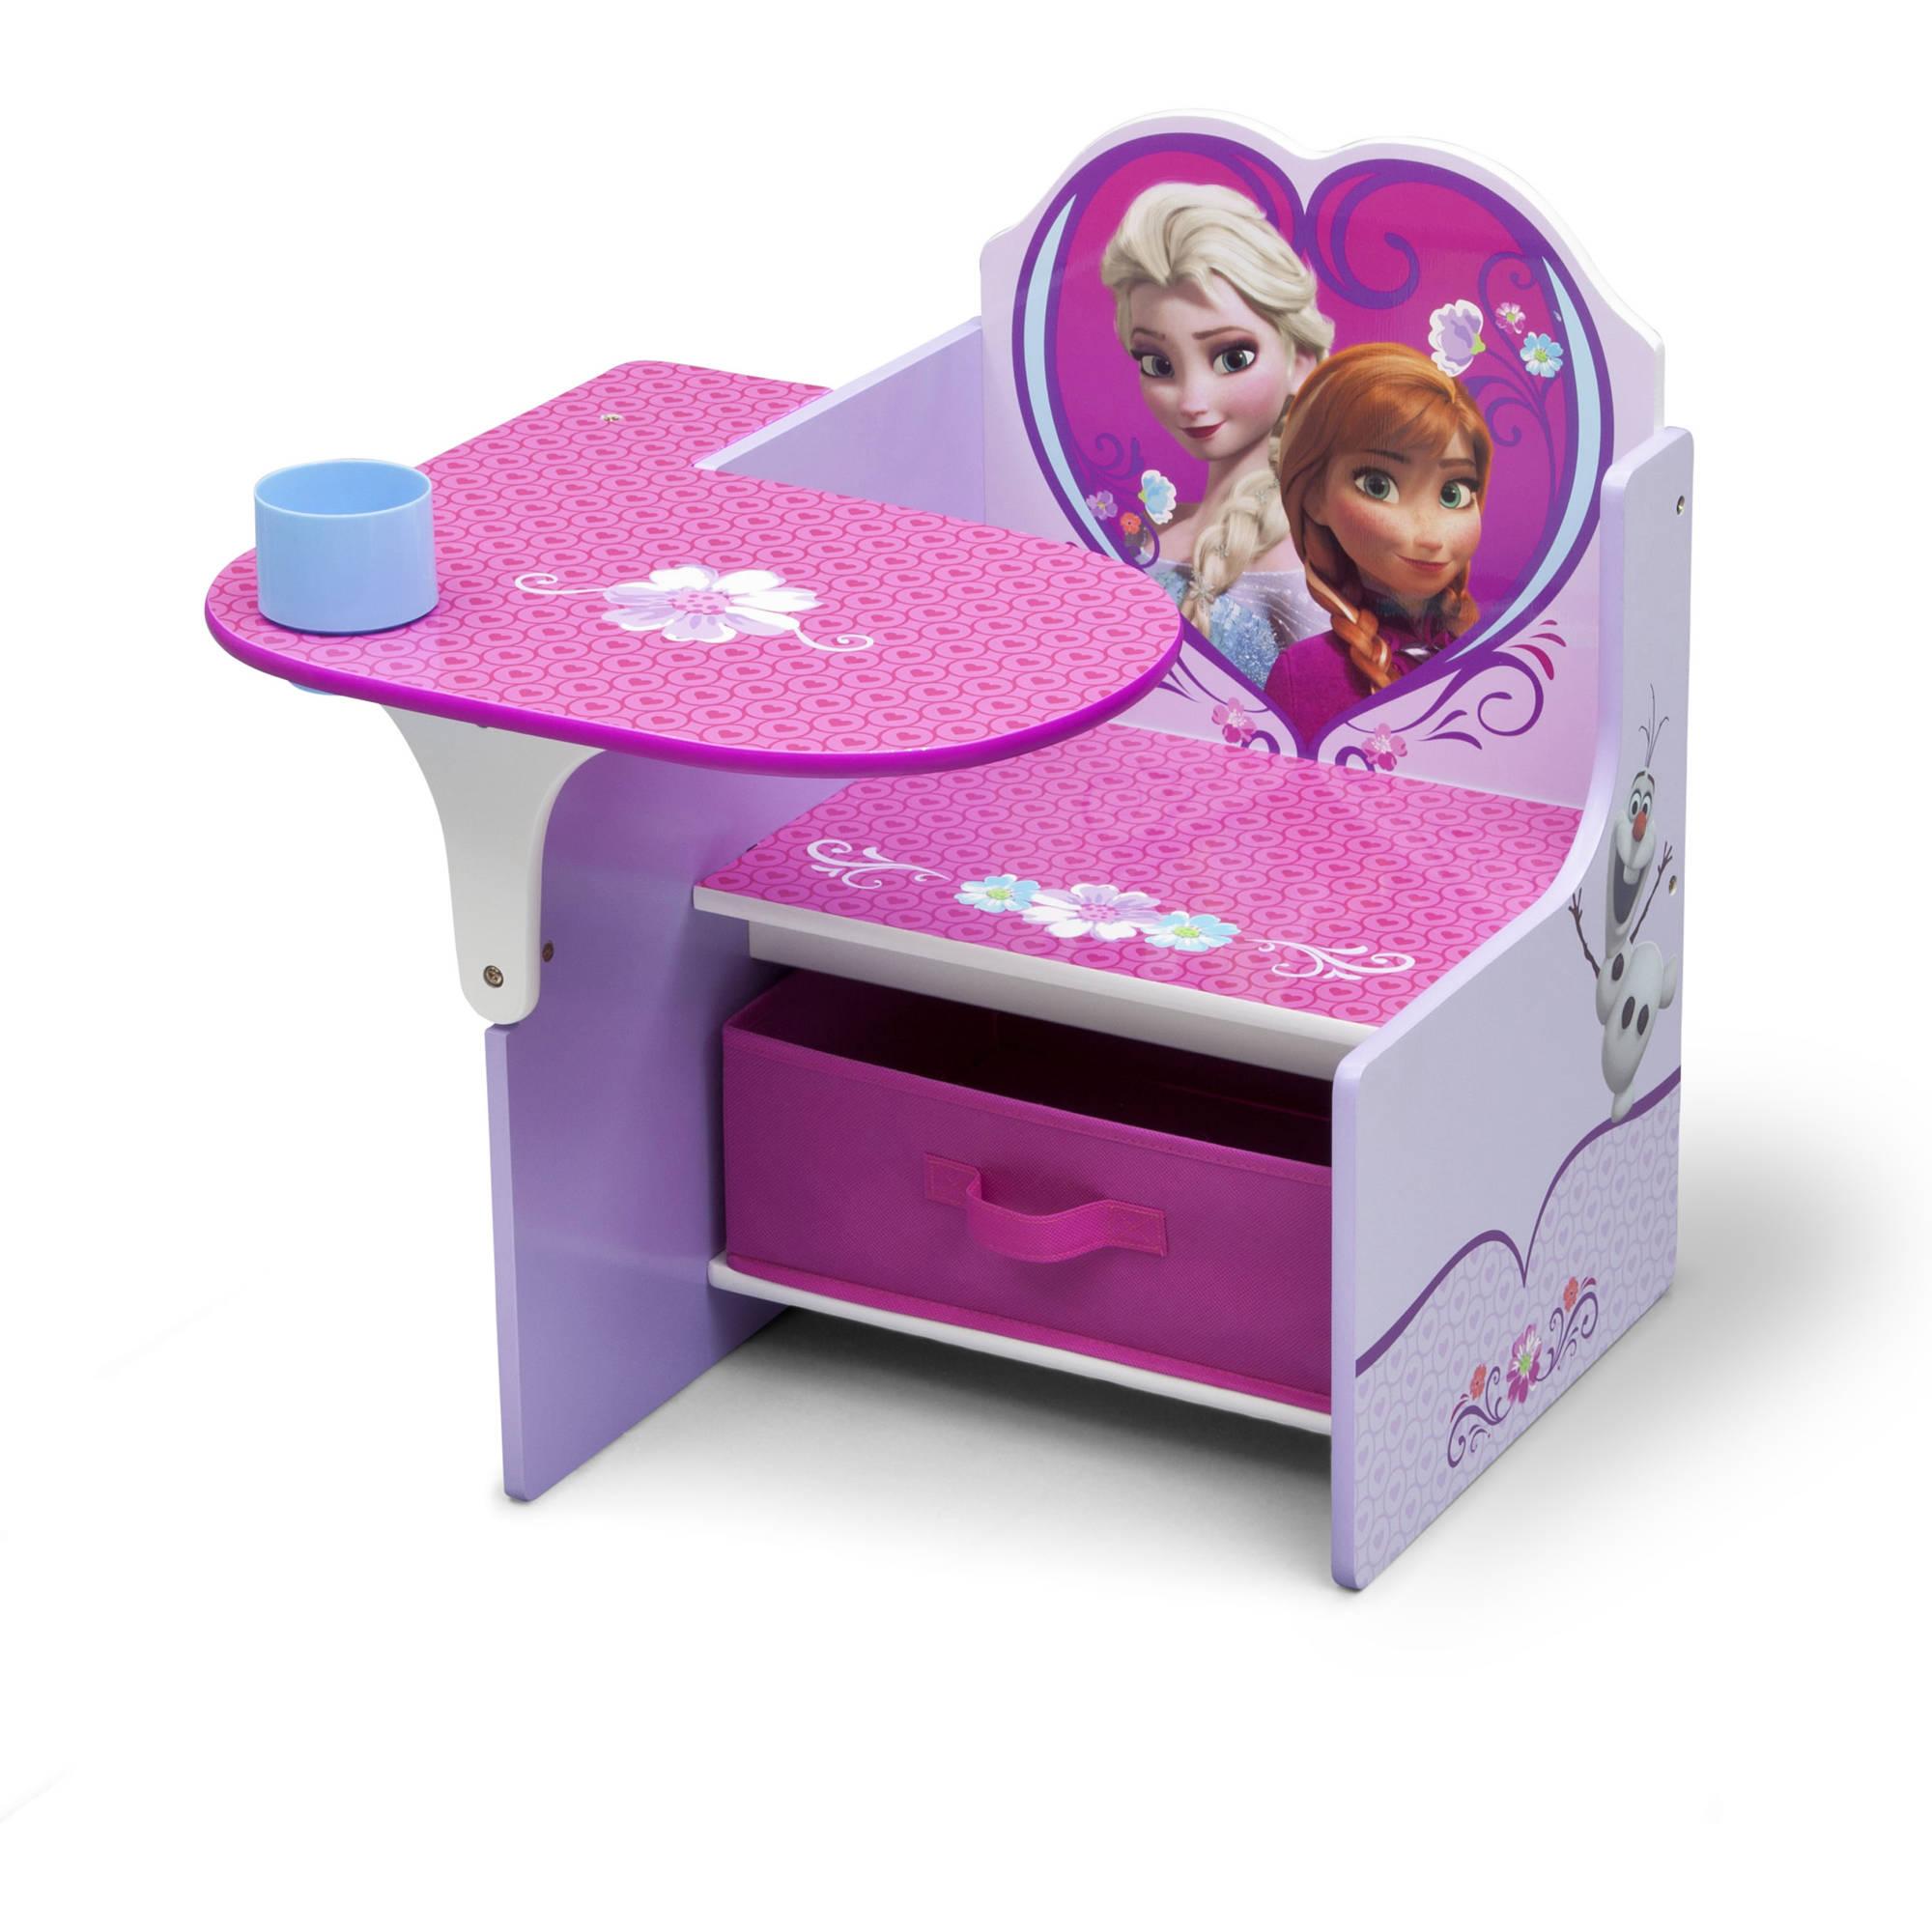 kids desk chairs disney frozen, toddler child chair desk with bonus storage bin by LCHQMFG